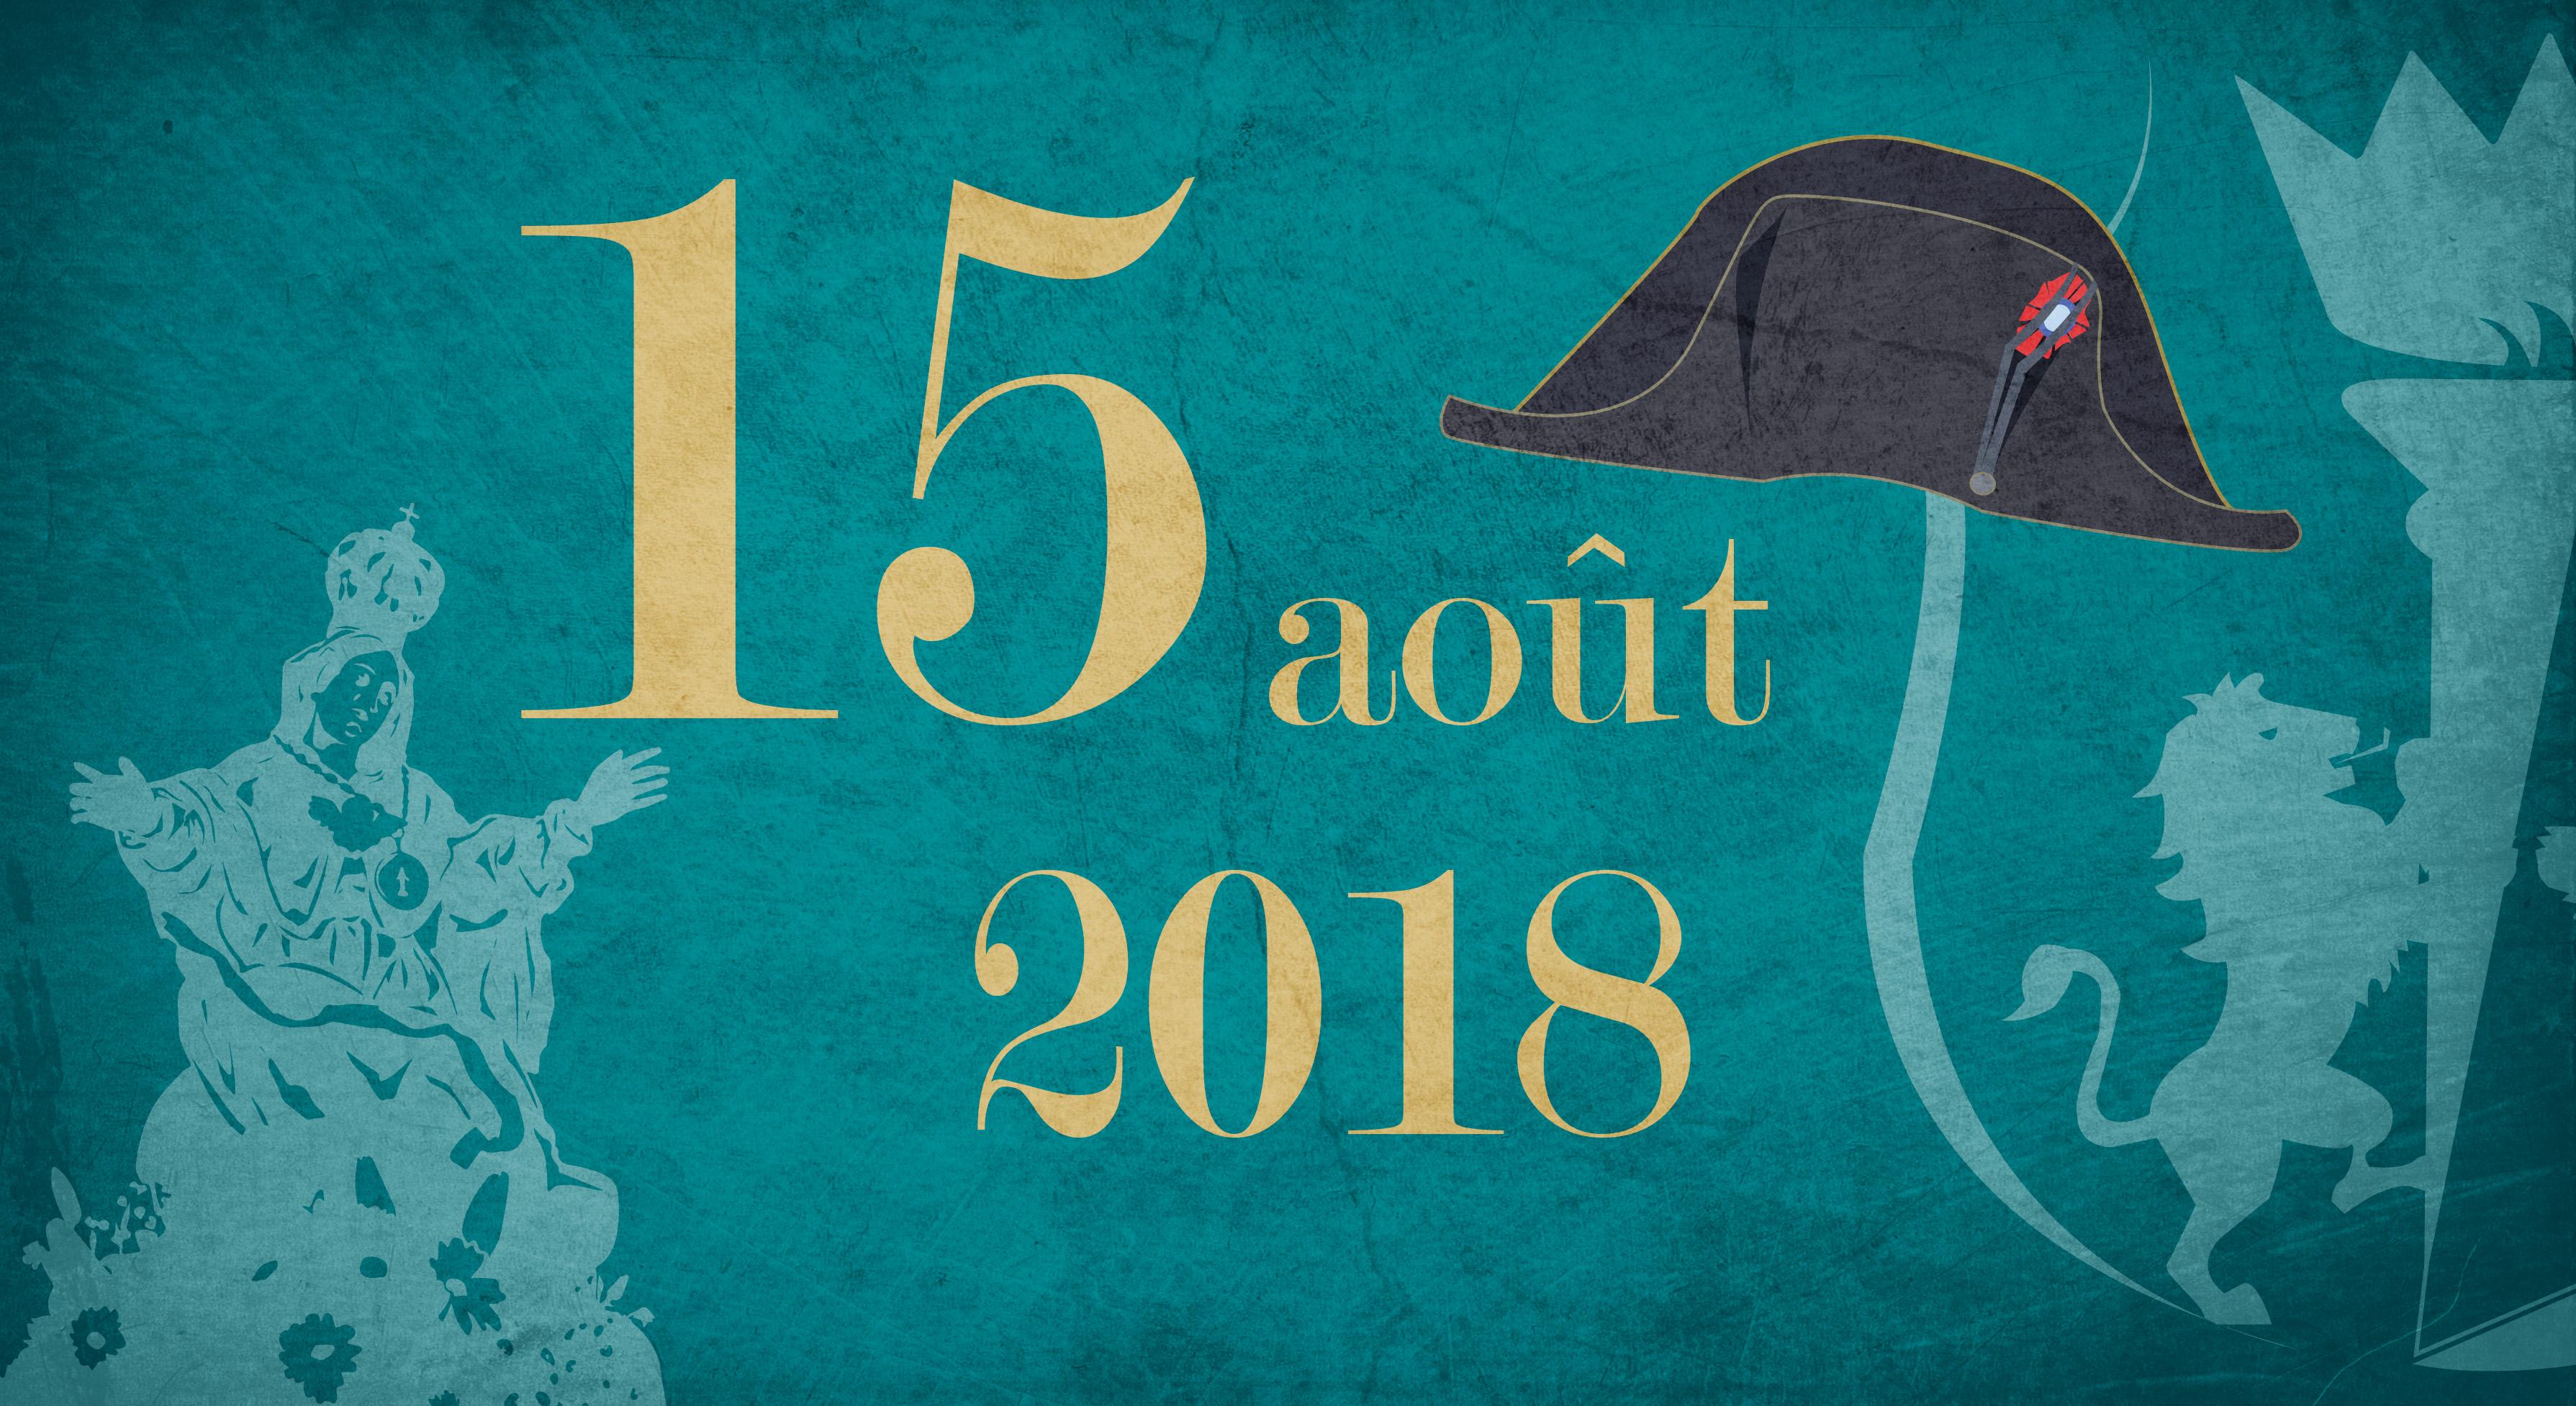 Le 15 août à Ajaccio